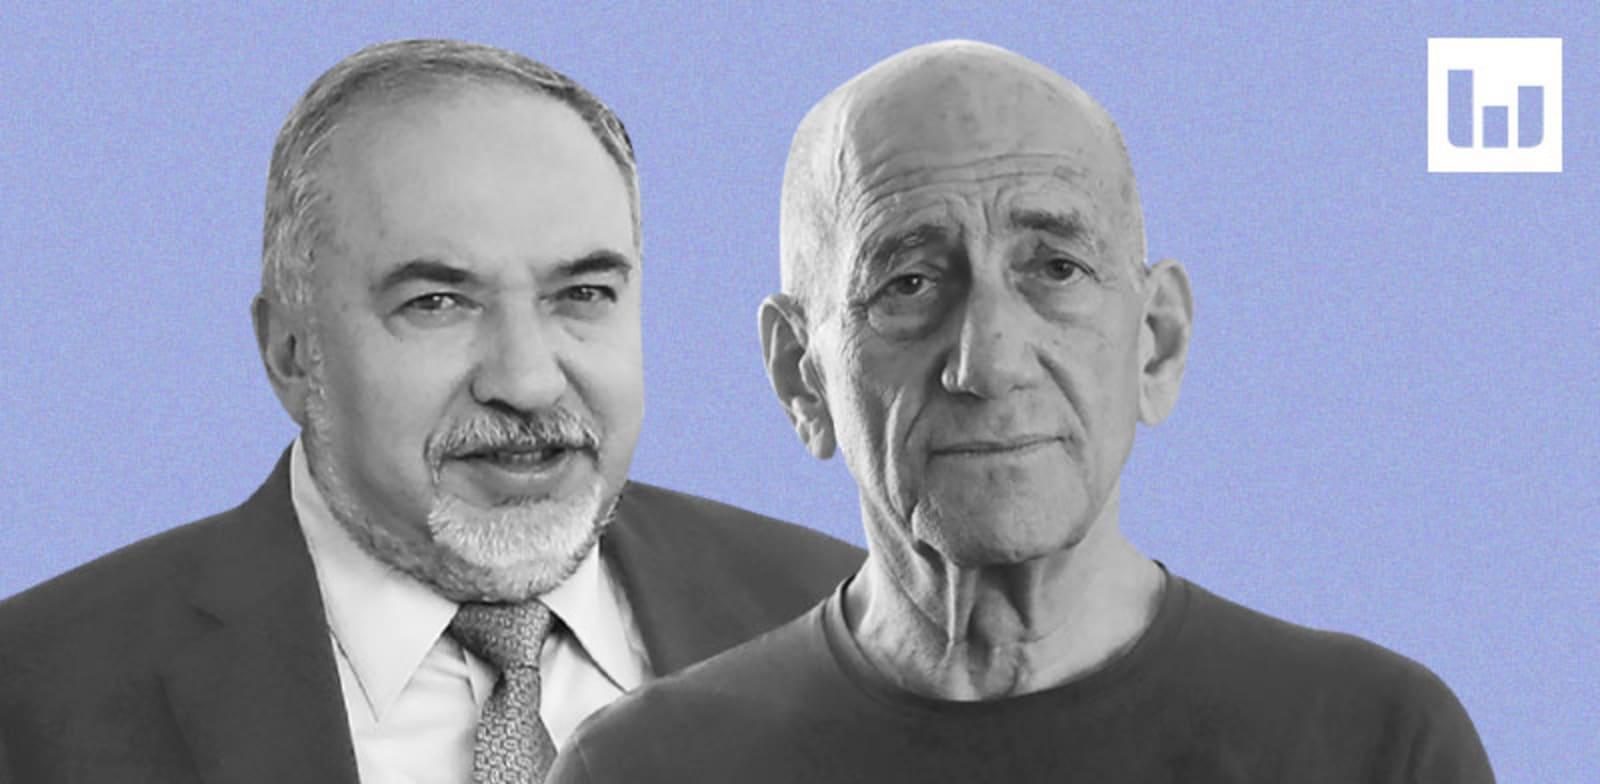 אהוד אולמרט, אביגדור ליברמן / צילום: שלומי יוסף, יוסי זמיר